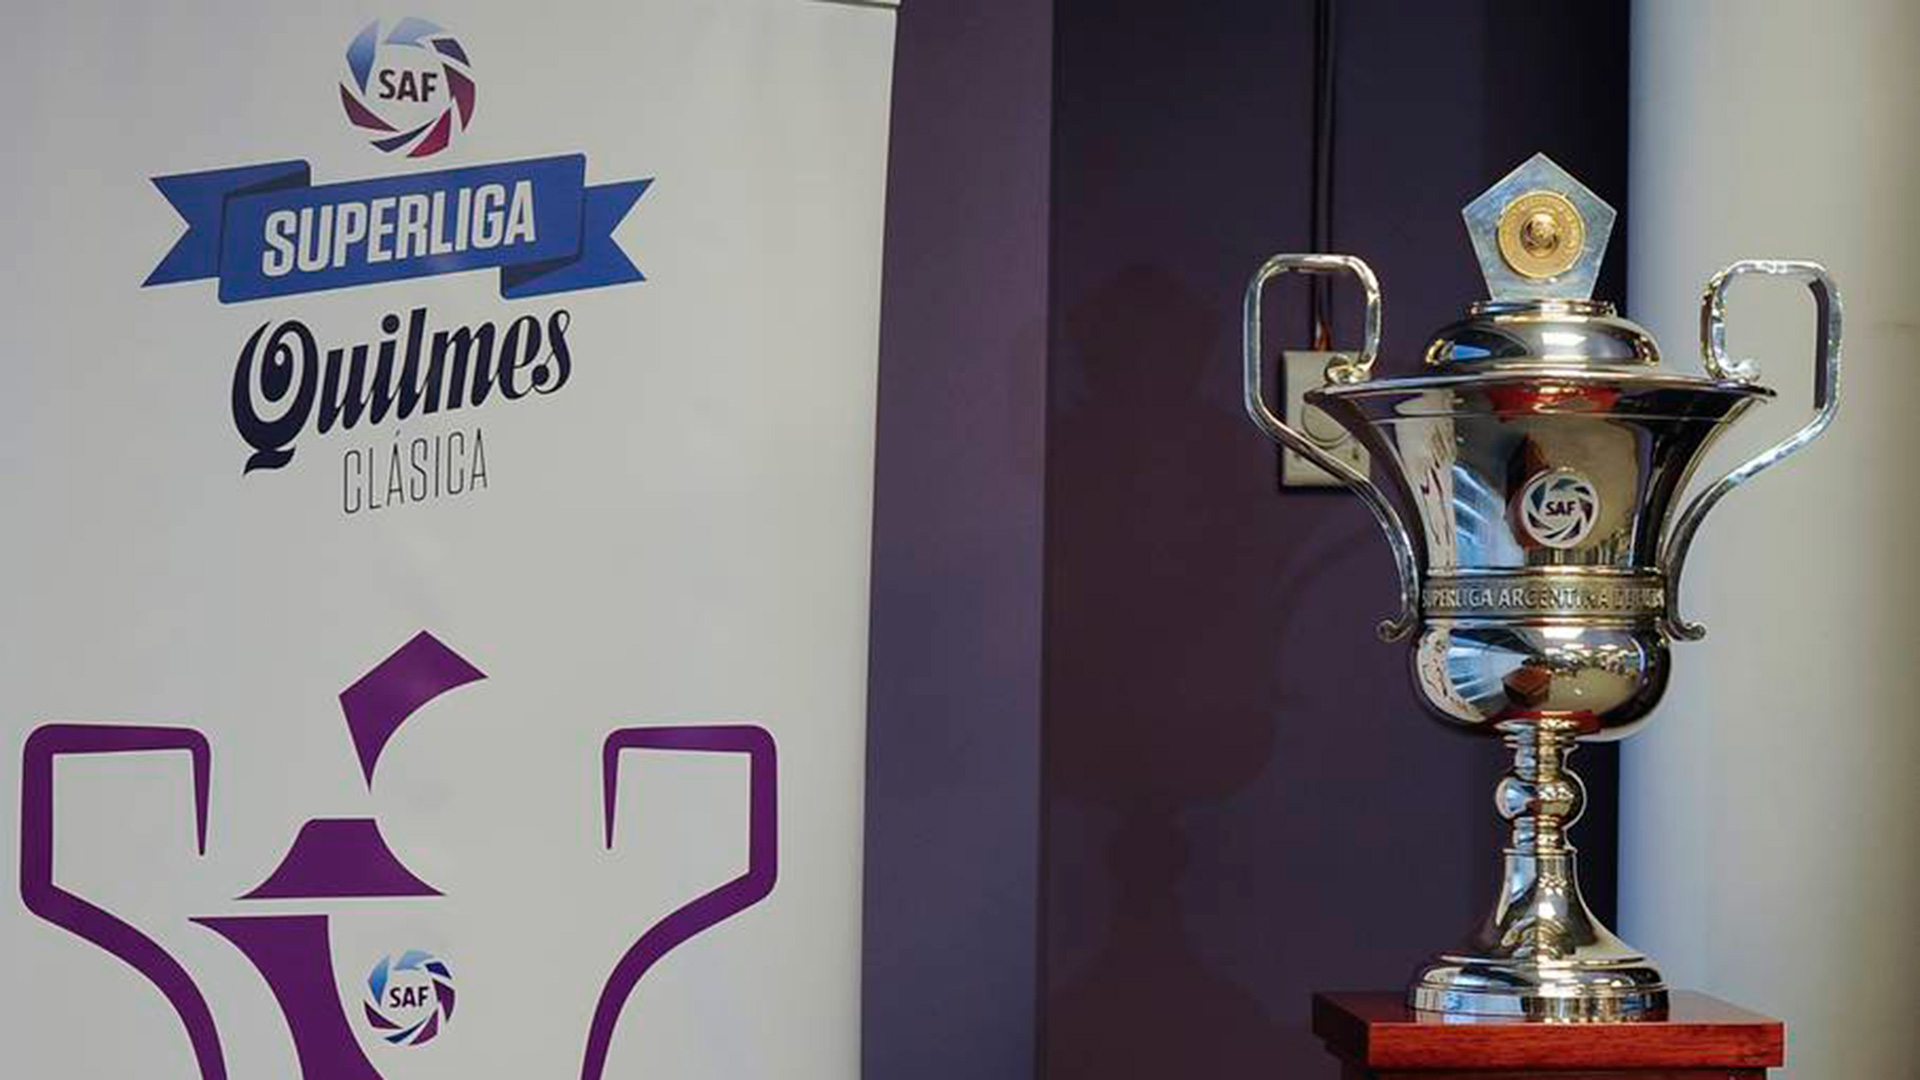 La Primera División de la temporada 2019/2020 estará dividida en dos torneos que sumarán para la tabla de los promedios: la Superliga y la Copa de la Superliga, que cambiará de formato